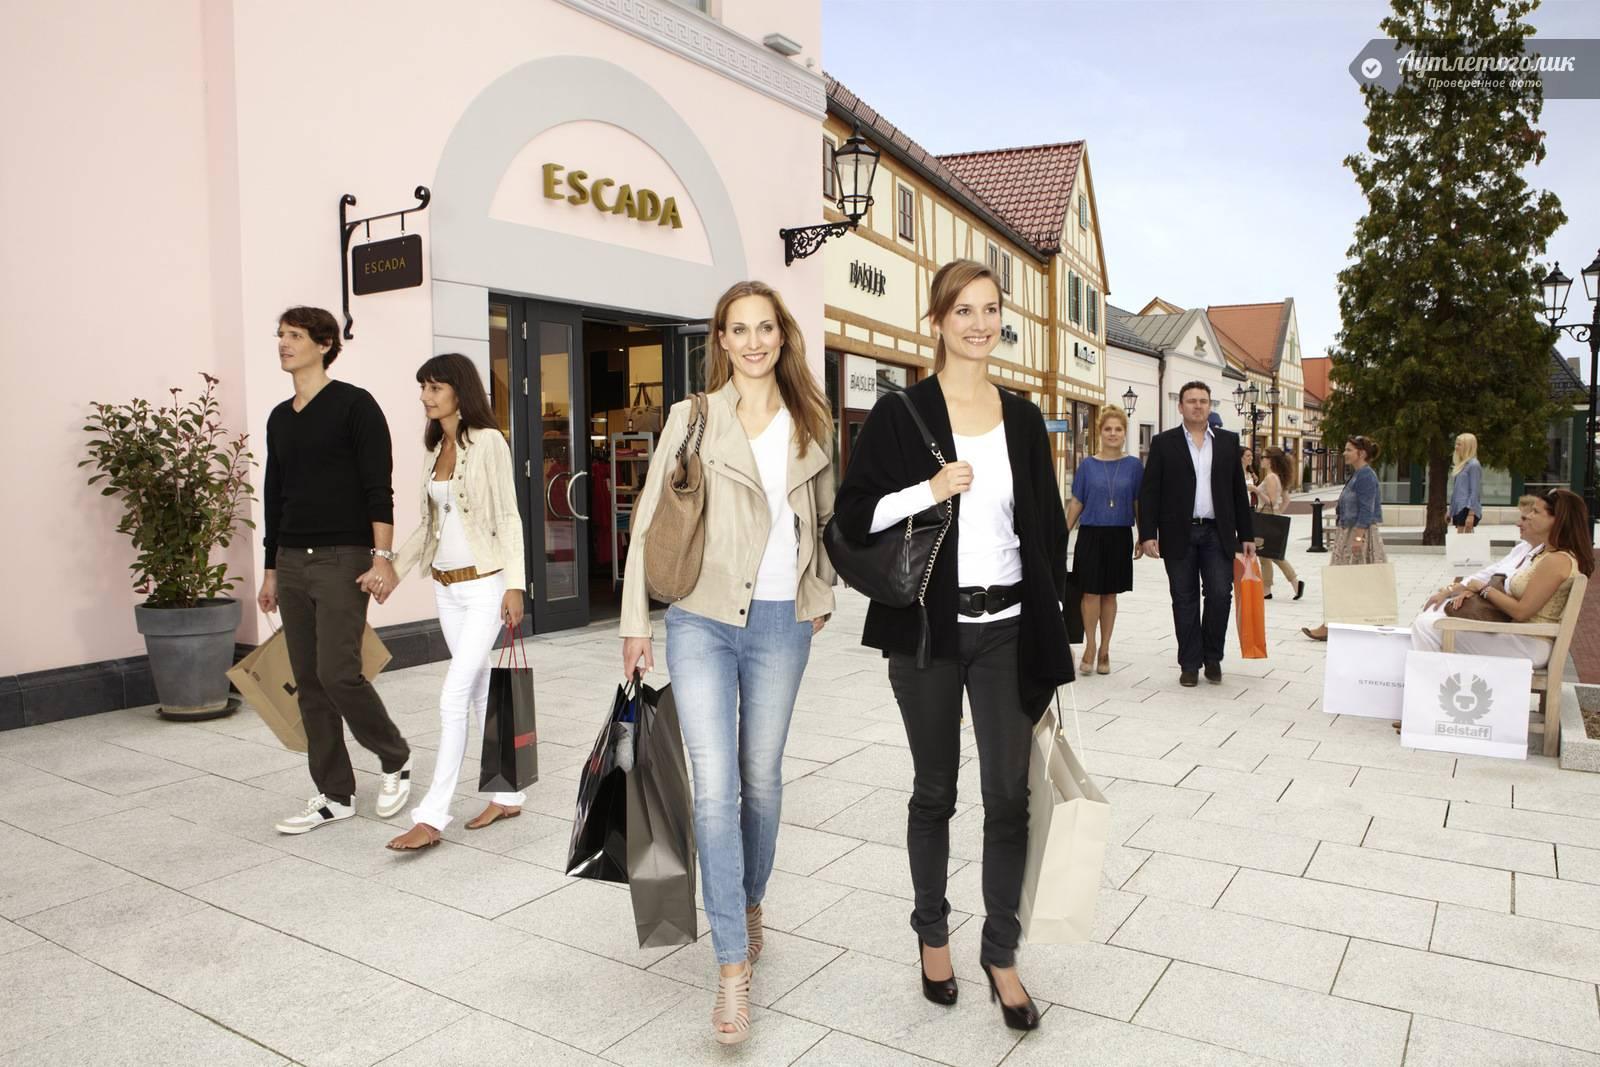 Шоппинг в милане, магазины, аутлеты, распродажи в милане в марте 2021 на туристер.ру